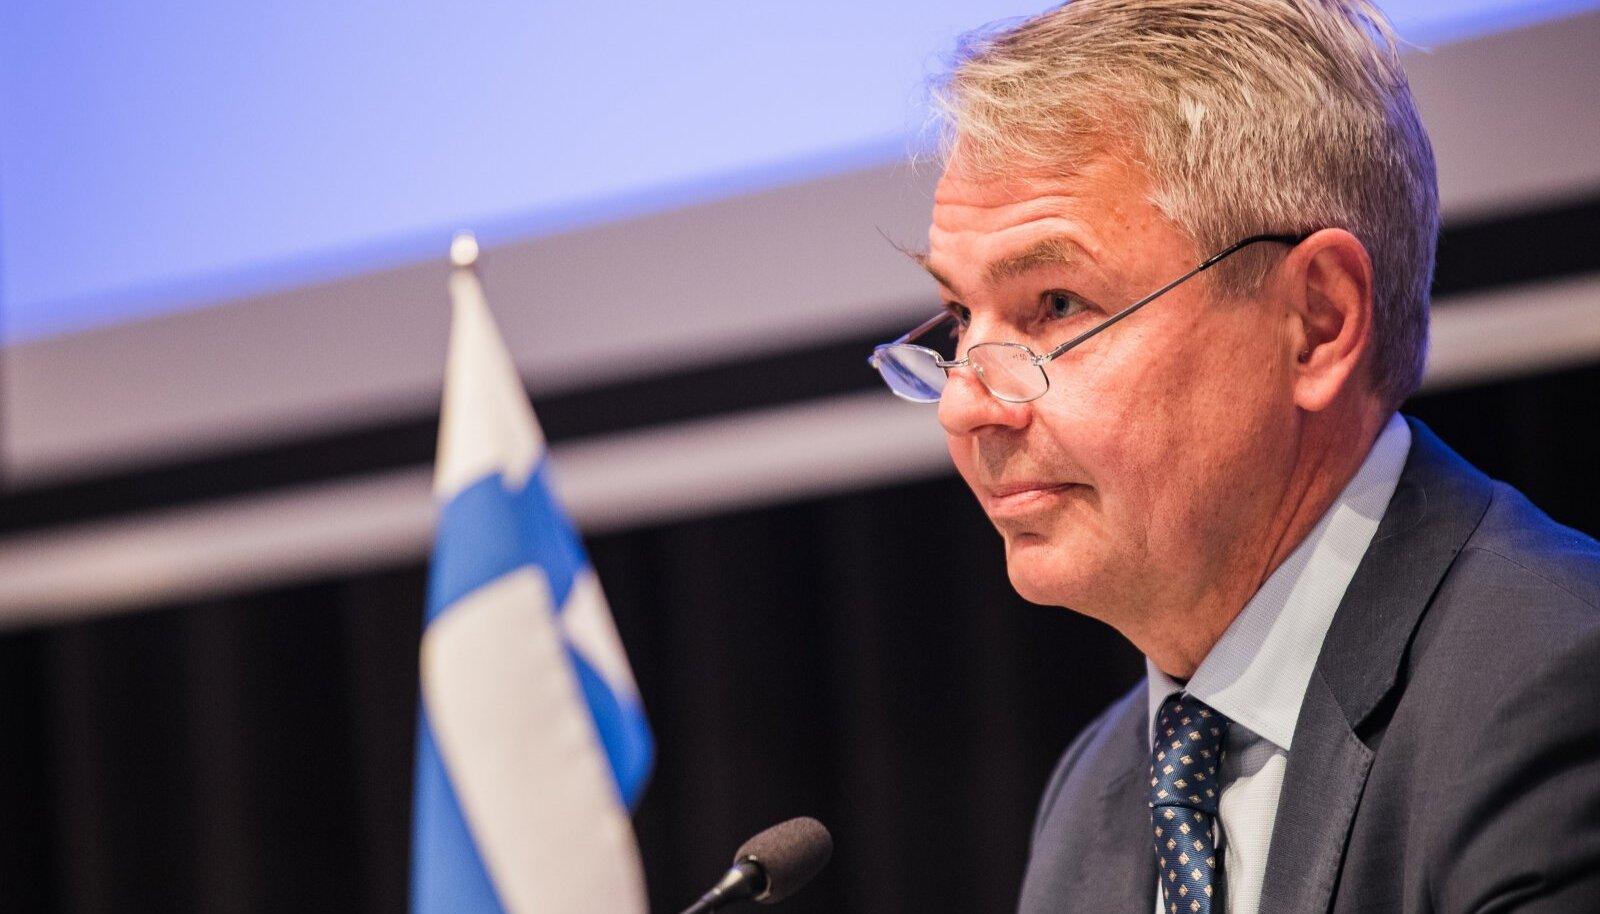 Soome välisministri Pekka Haavisto visiit võib osutuda problemaatiliseks mitte narratiivi, vaid just nimelt oma olemuse ja ajastuse tõttu.